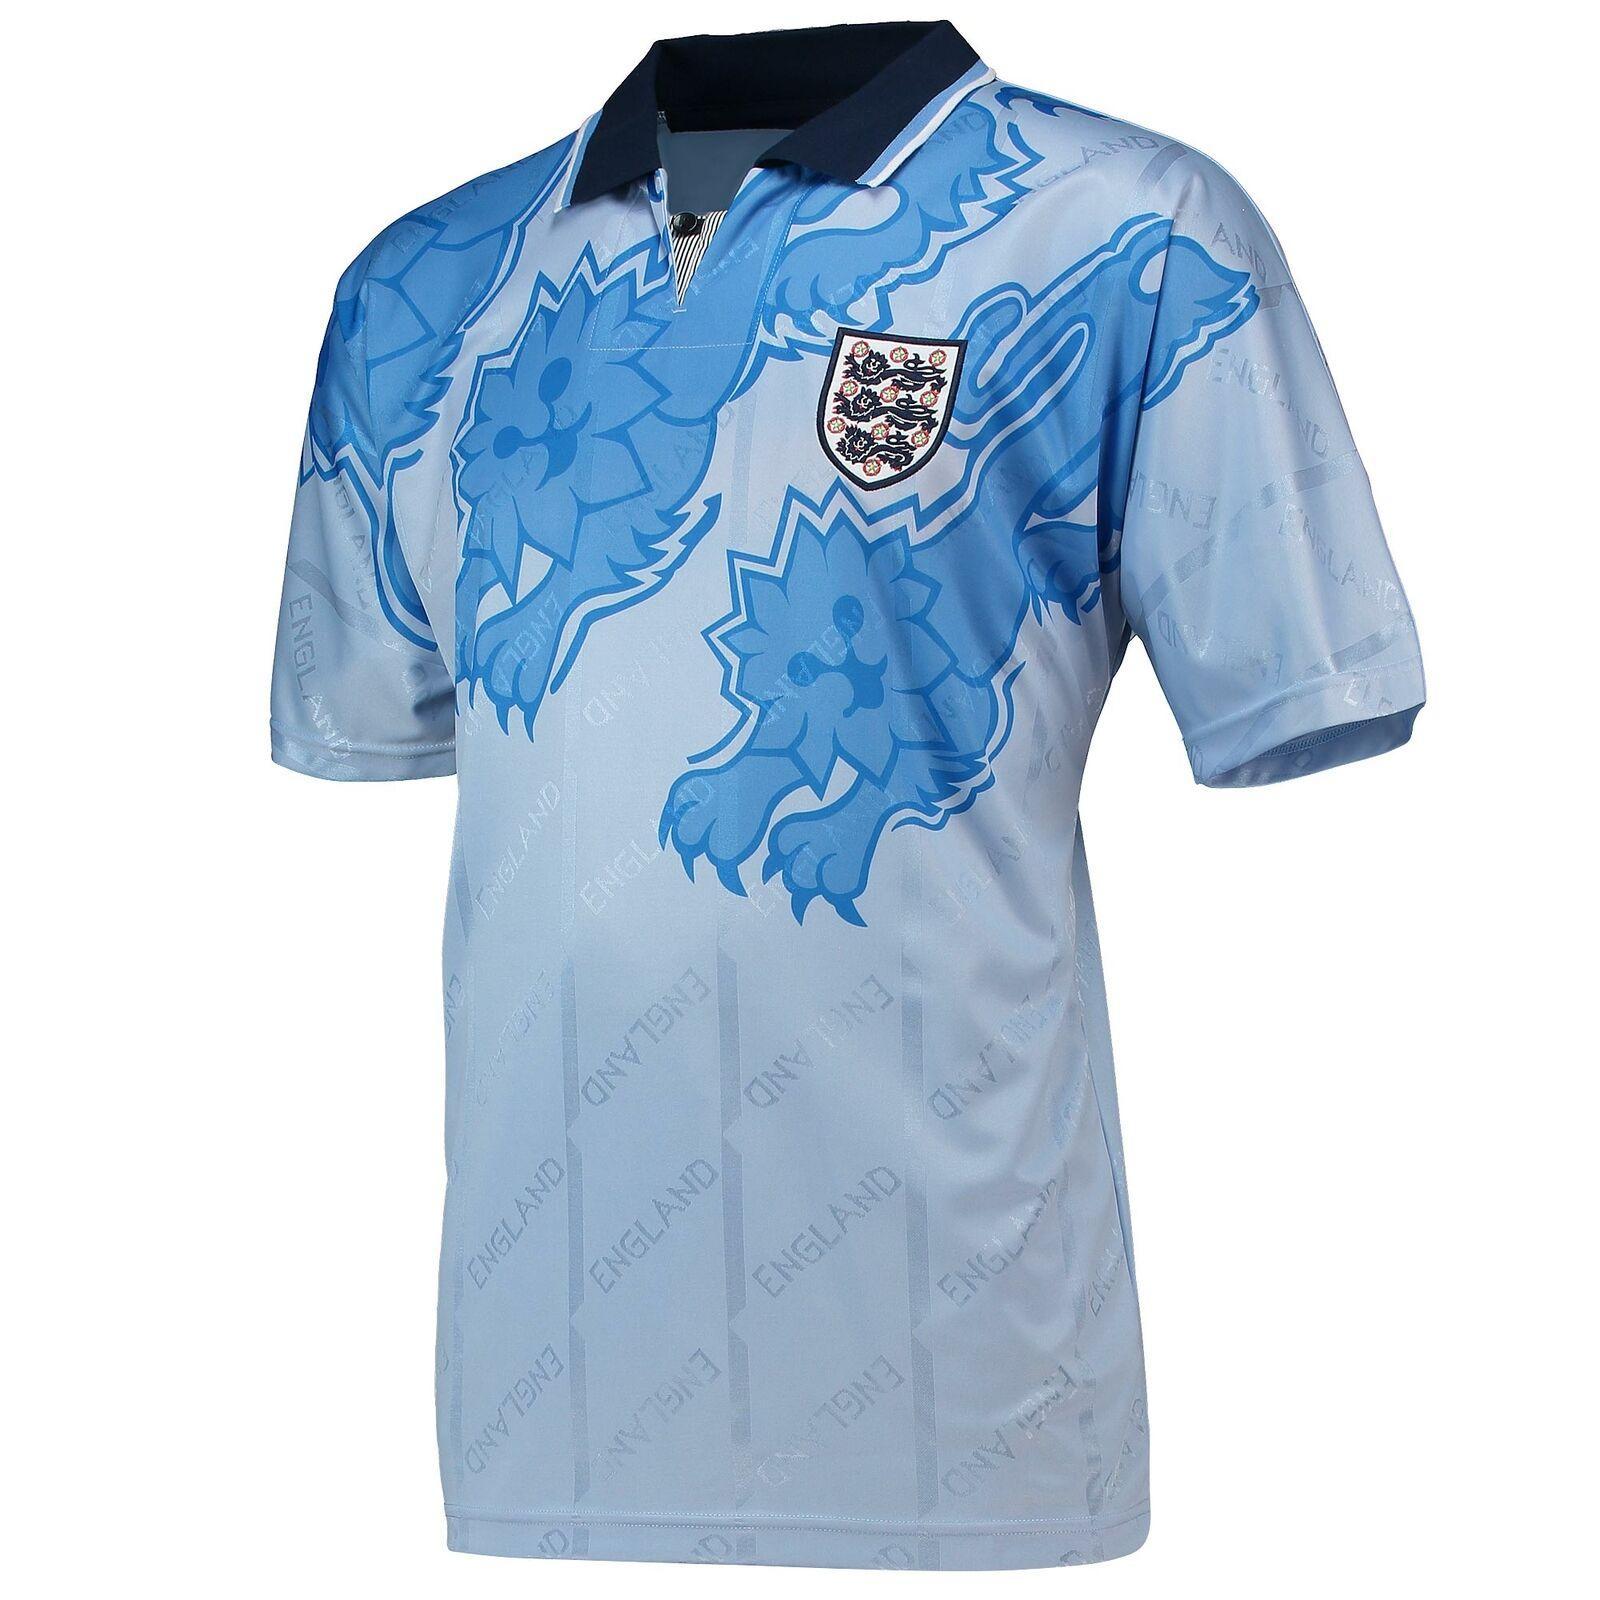 England 1992 Fußball Third Retro T Shirt Trikot Tee Top Polohemd Kurzarm Herren  | Zürich